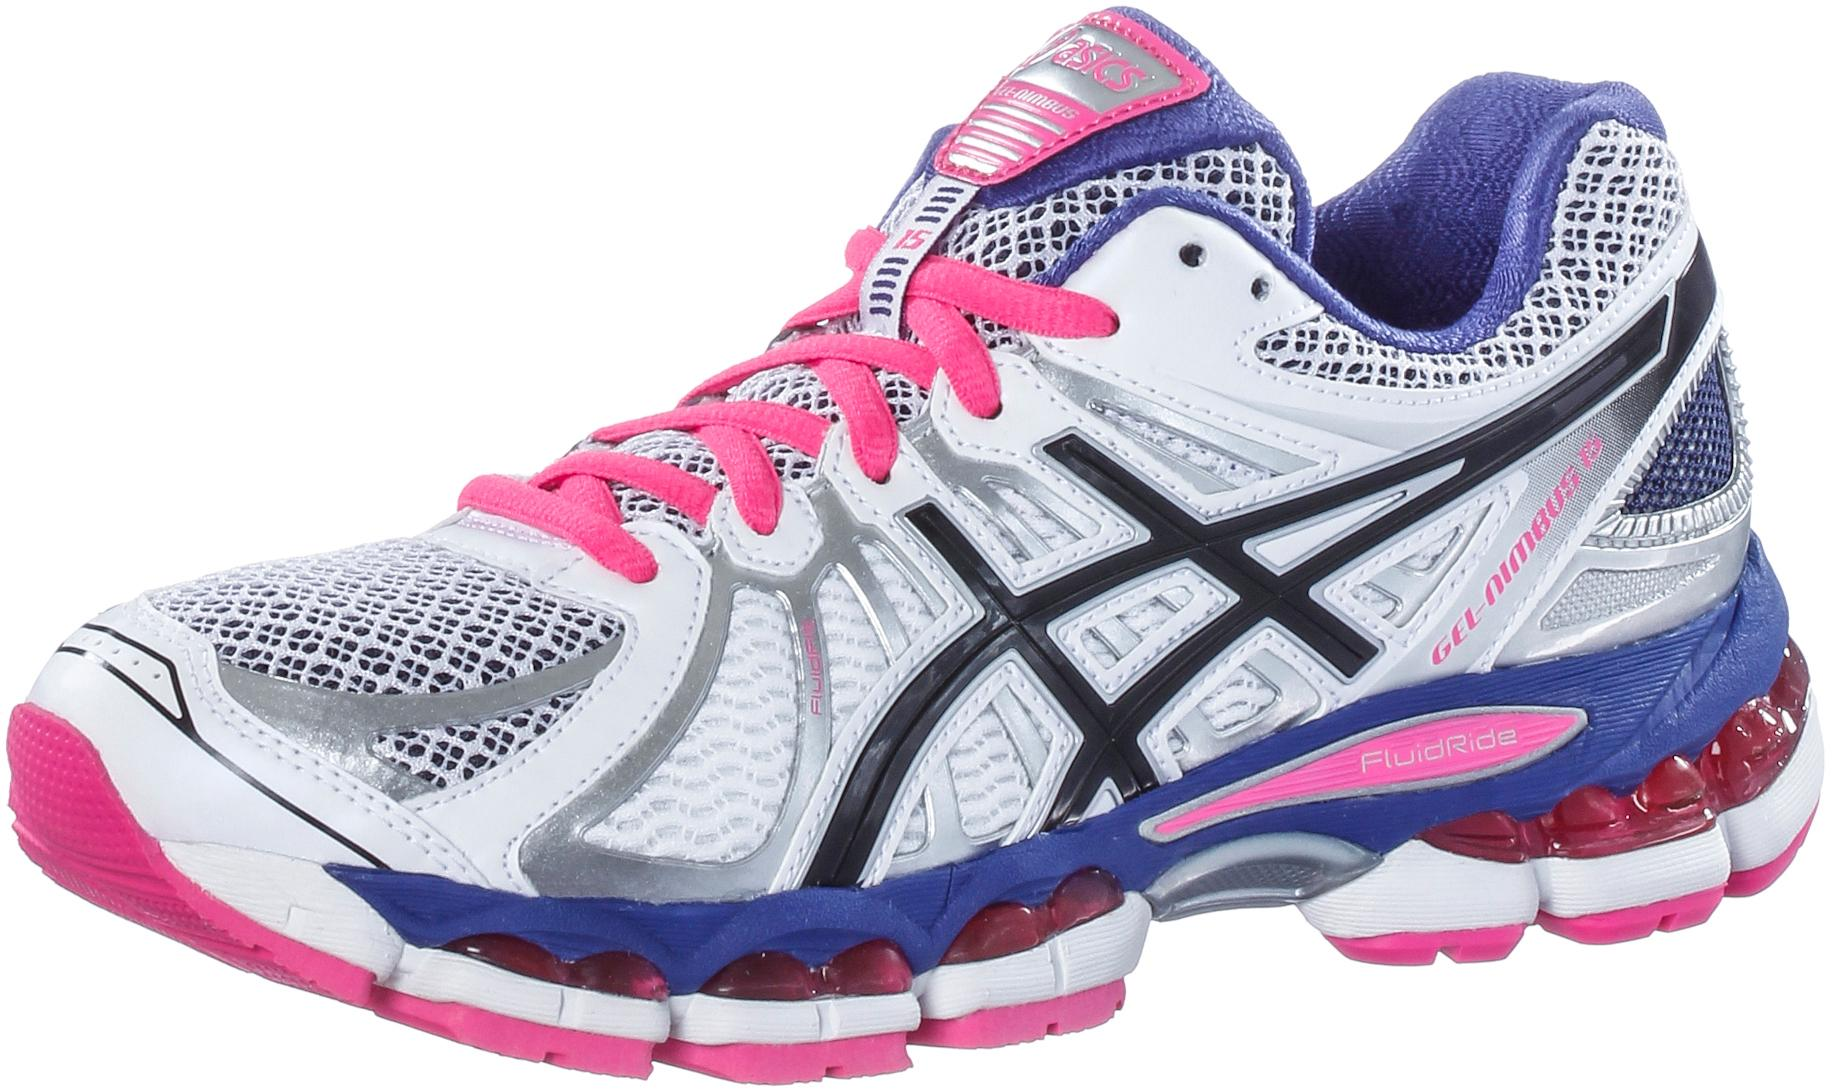 ASICS Gel Nimbus 15 W Laufschuhe Damen weiß/pink im Online Shop von SportScheck kaufen